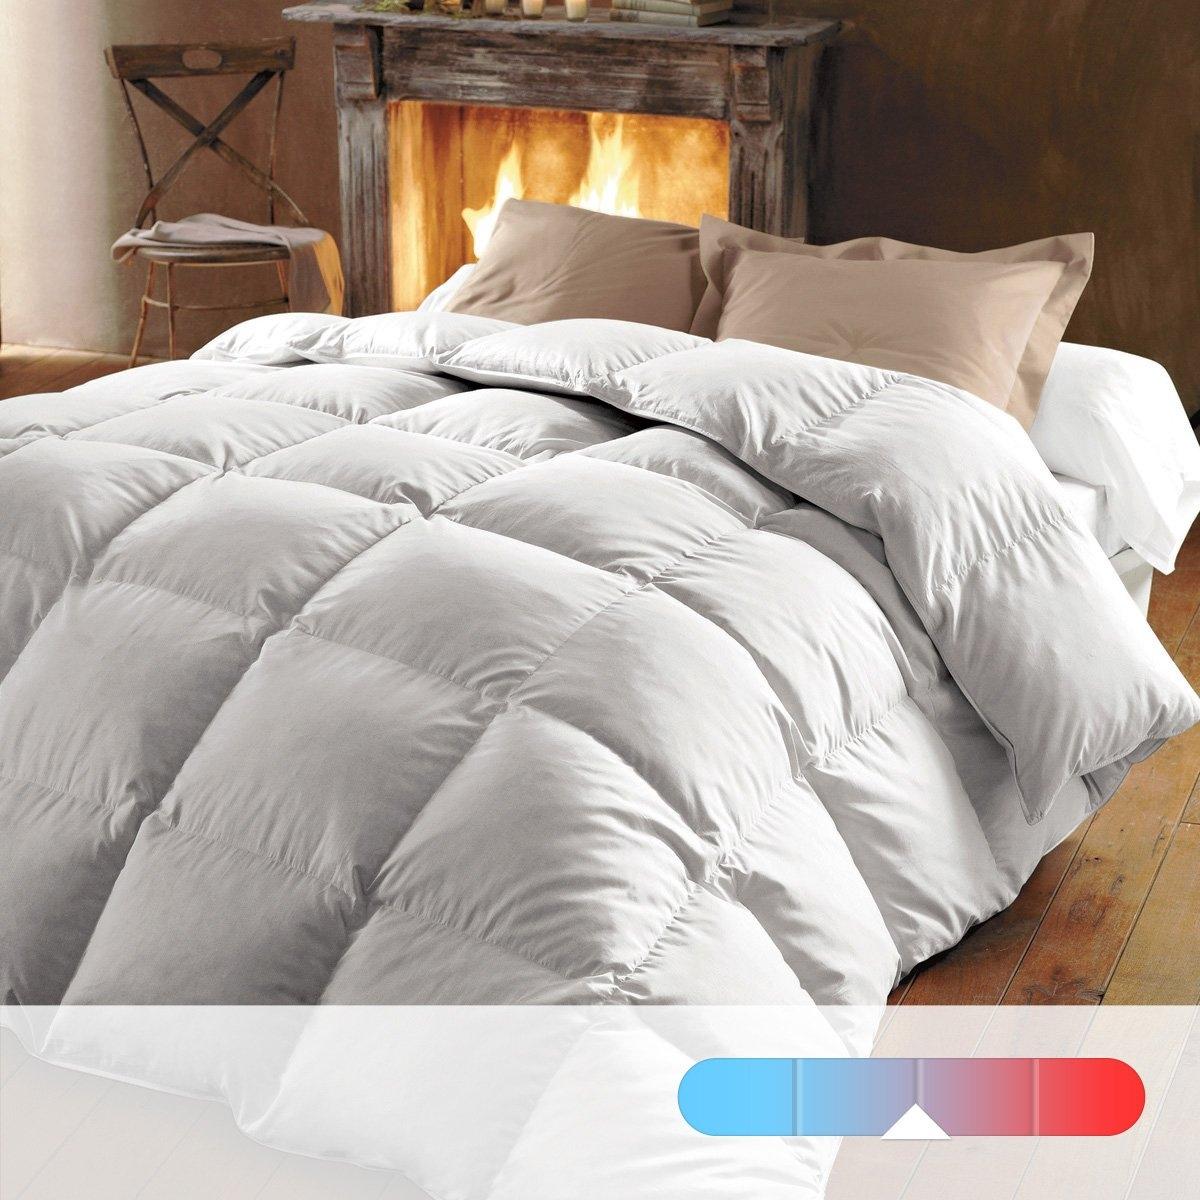 Одеяло натуральное, 320 г/м², 70% пуха, обработка против клещей